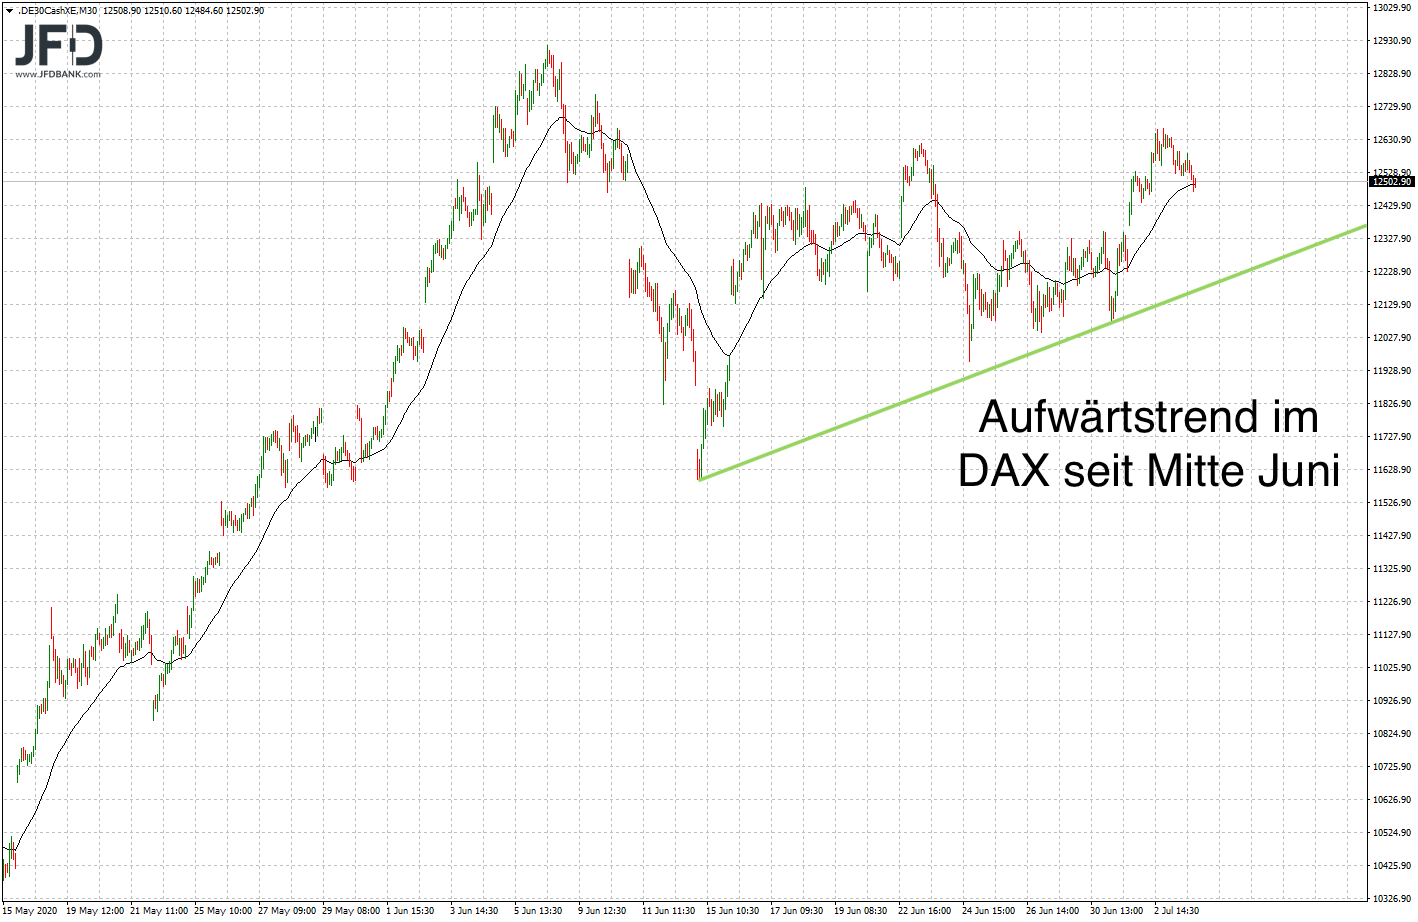 DAX-Aufwärtstrend ab Mitte Juni